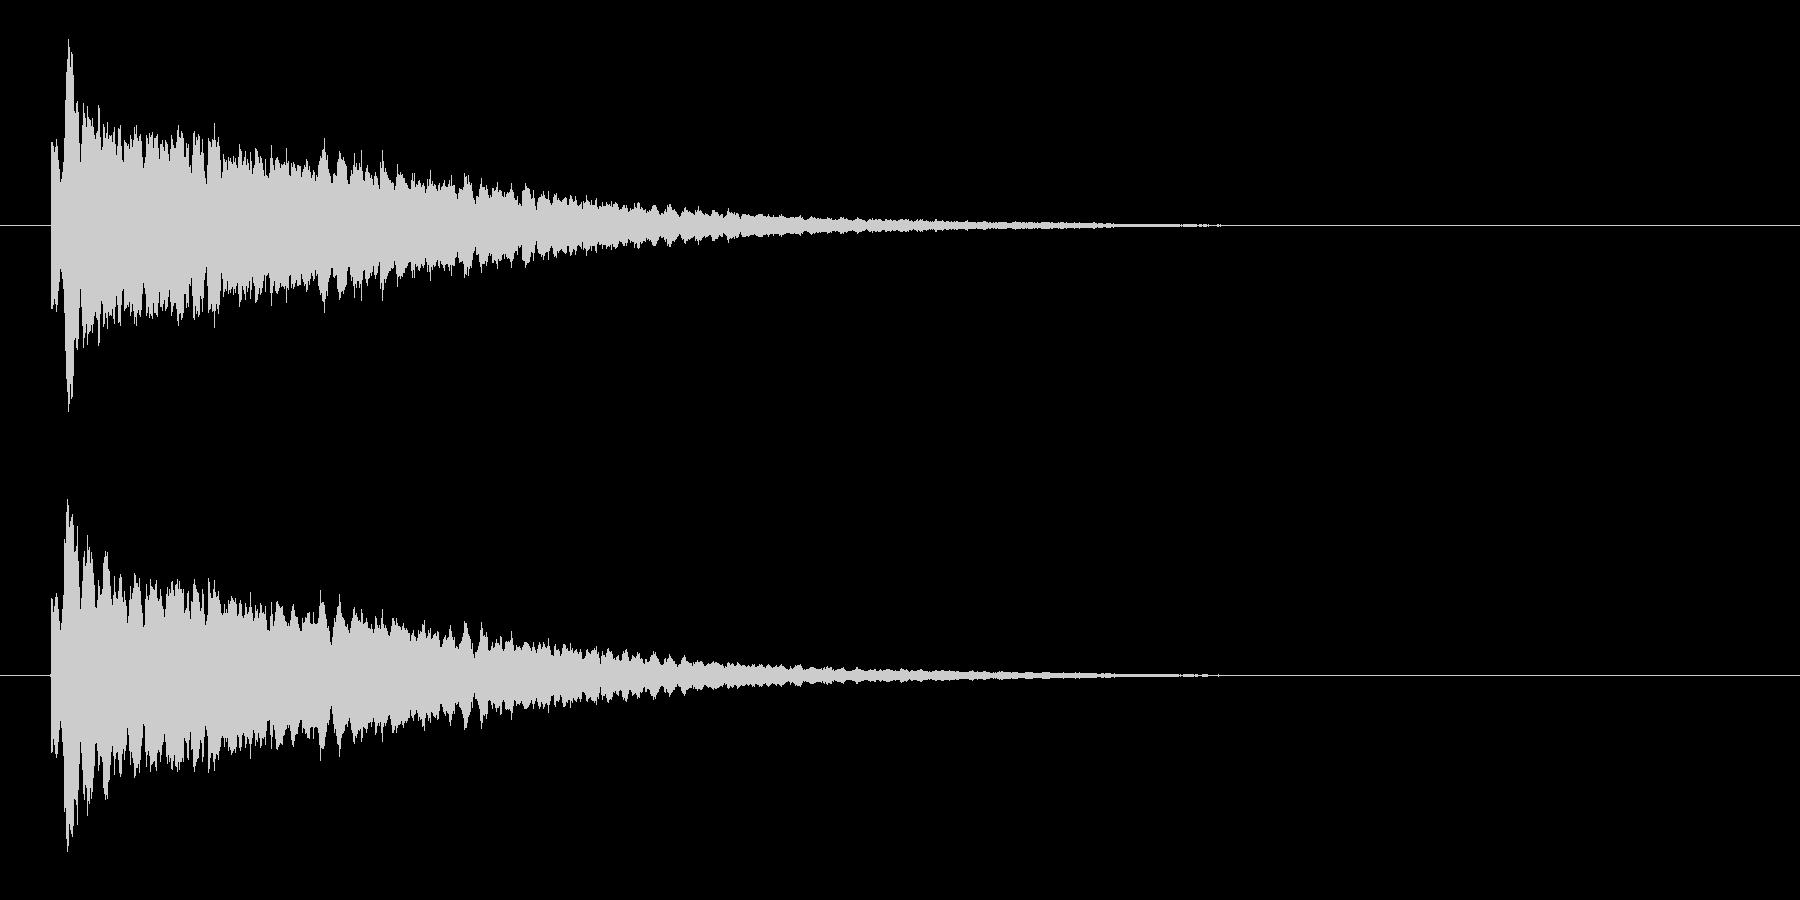 キラーンという爽やかなキラキラ音の未再生の波形